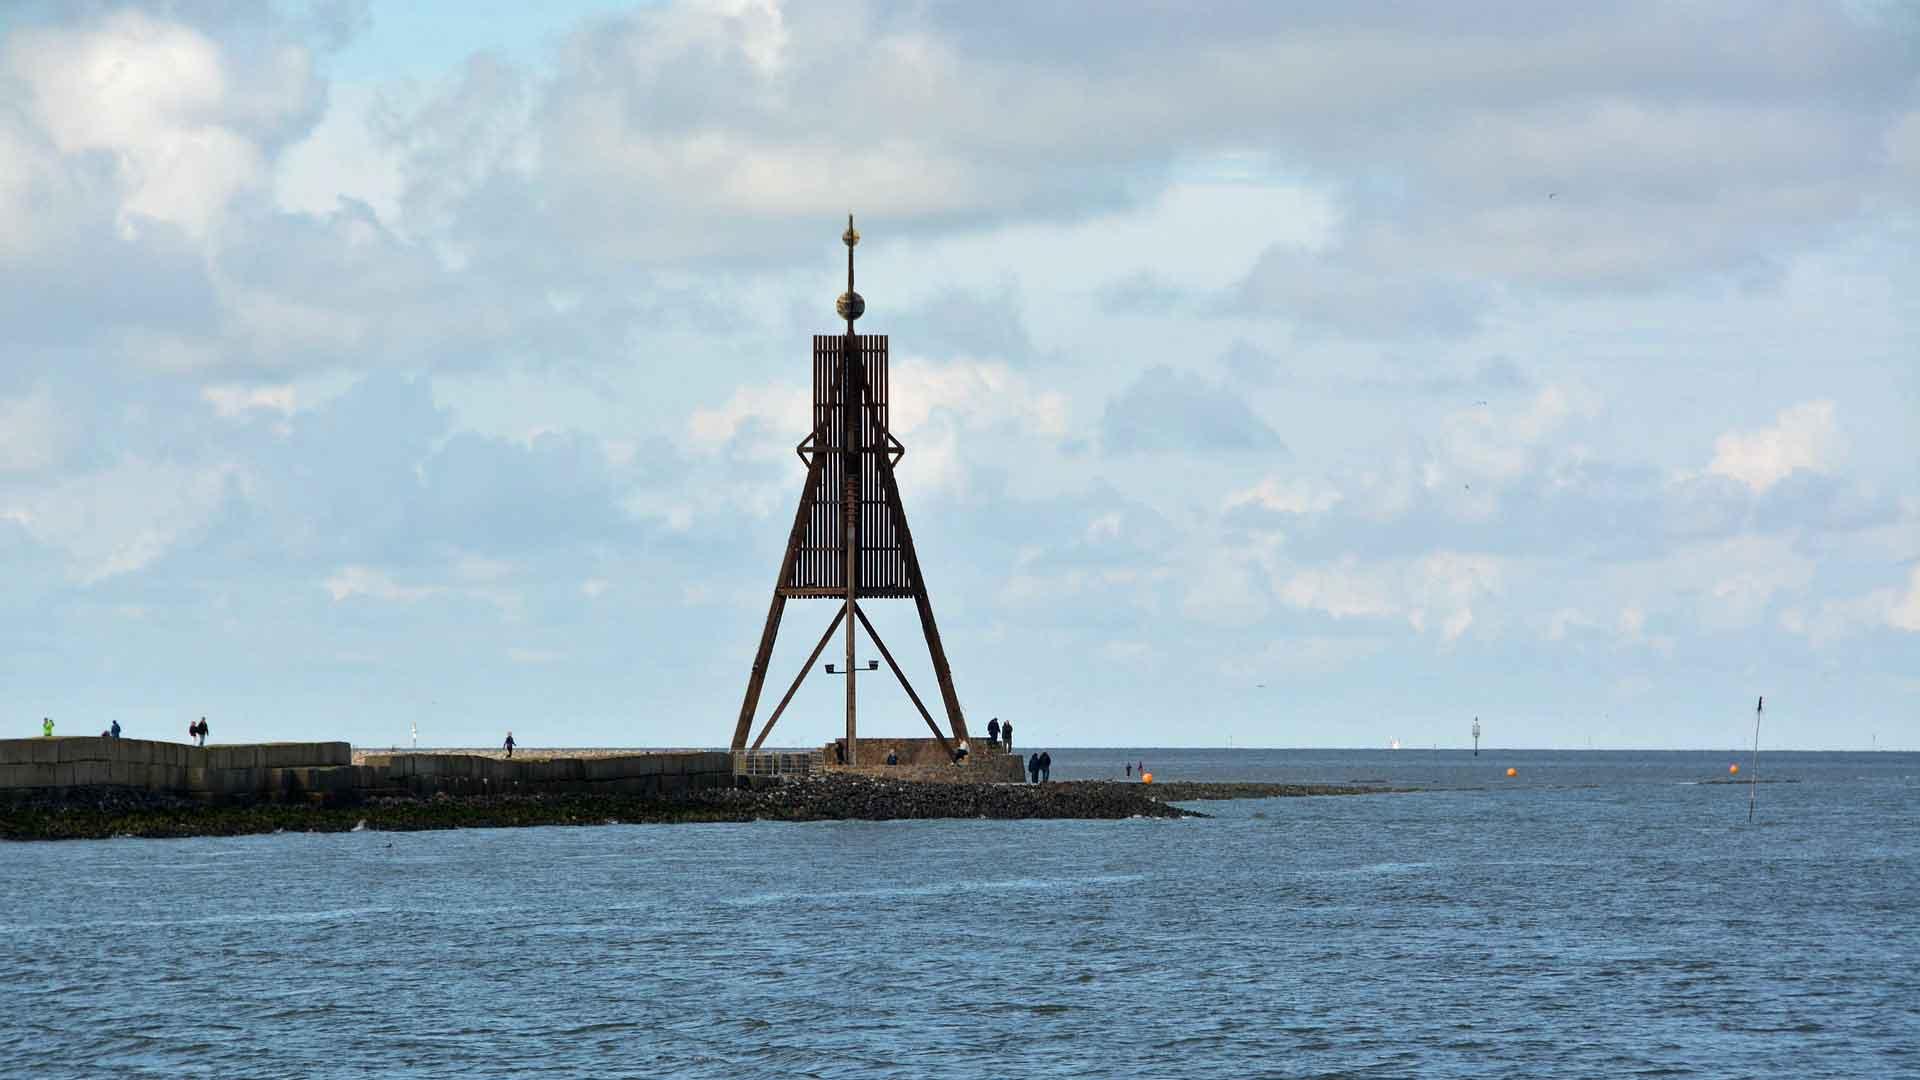 De Kugelbake in Cuxhaven is het teken dat de Elbe hier ophoudt.